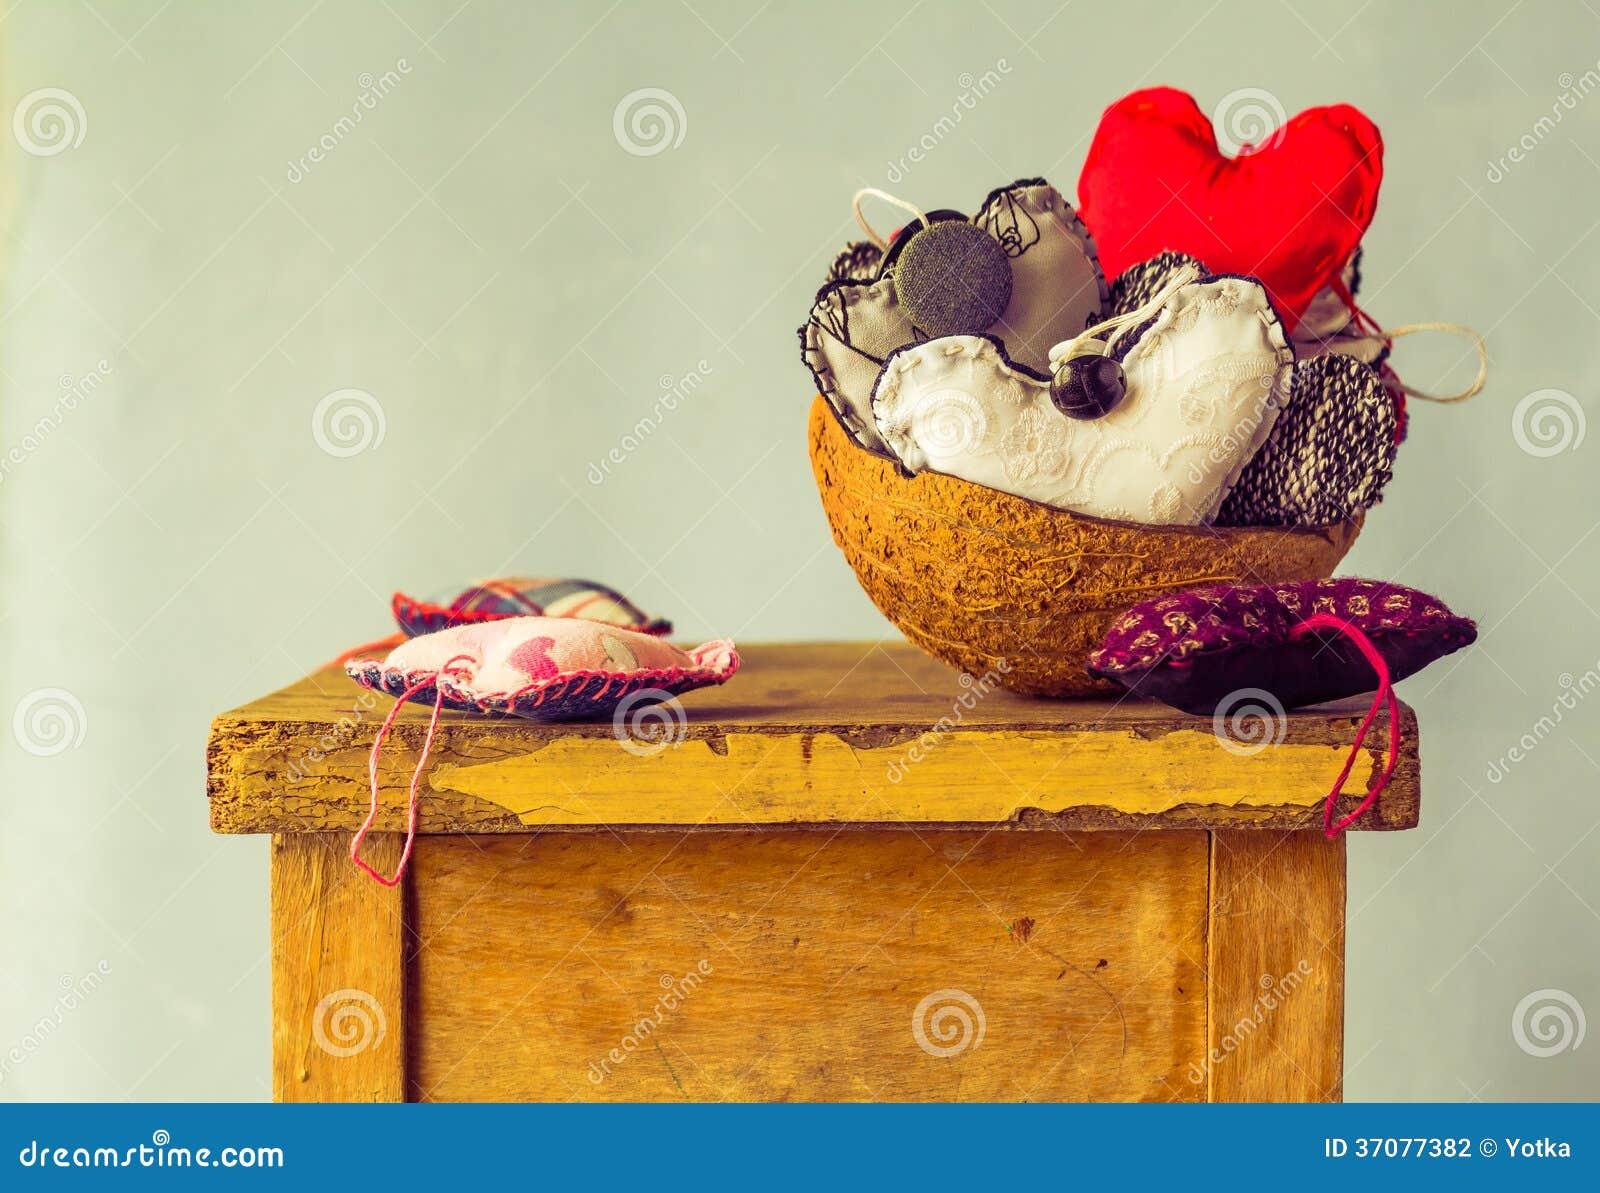 Download Kierowy Podsadzkowy Kokosowy Skorupa Stół Zdjęcie Stock - Obraz złożonej z retro, życie: 37077382